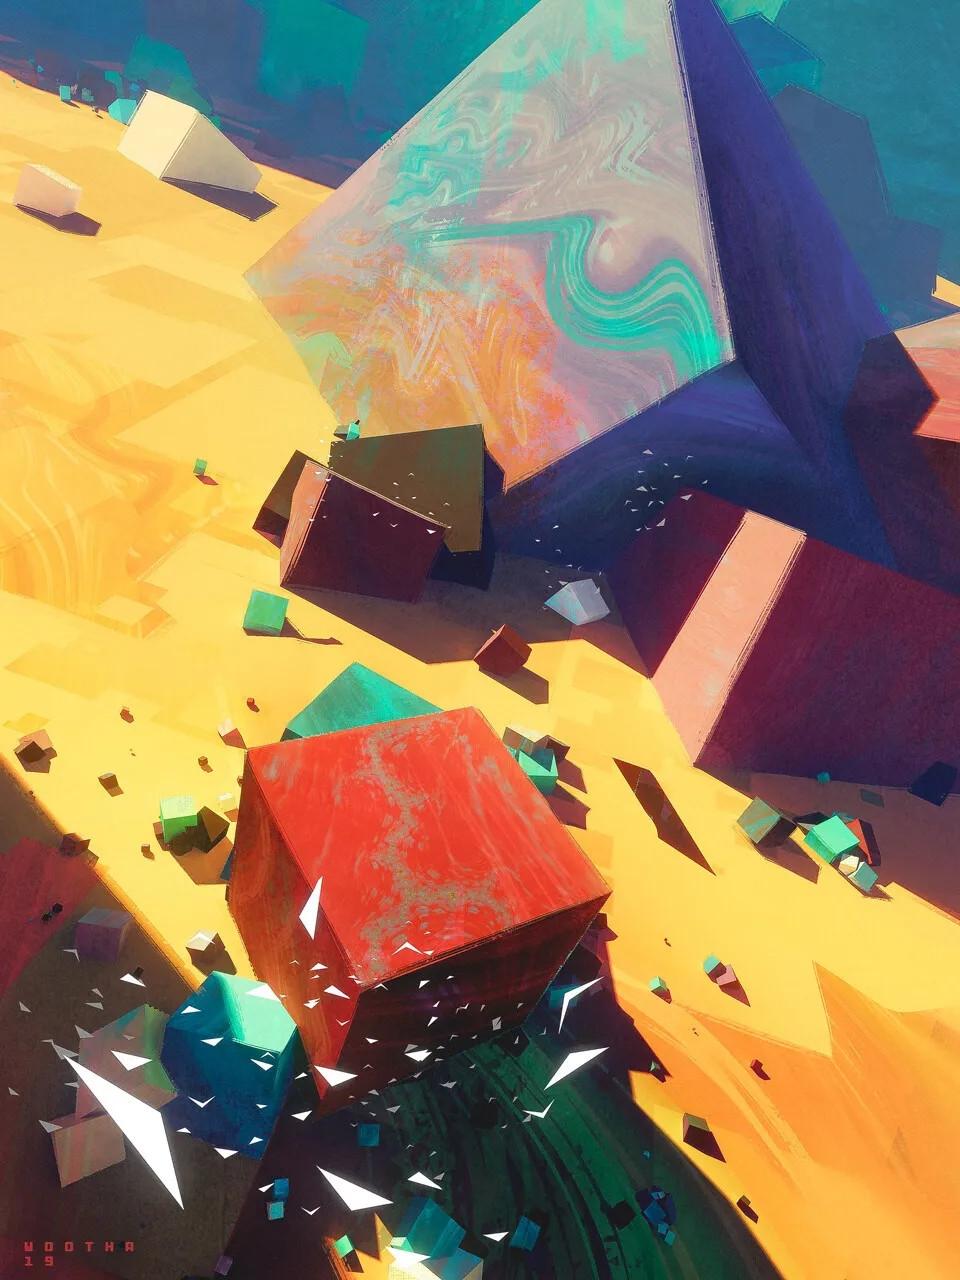 MG动画制作里艺术没有界限,你见过上帝打翻了调色盘的样子吗?